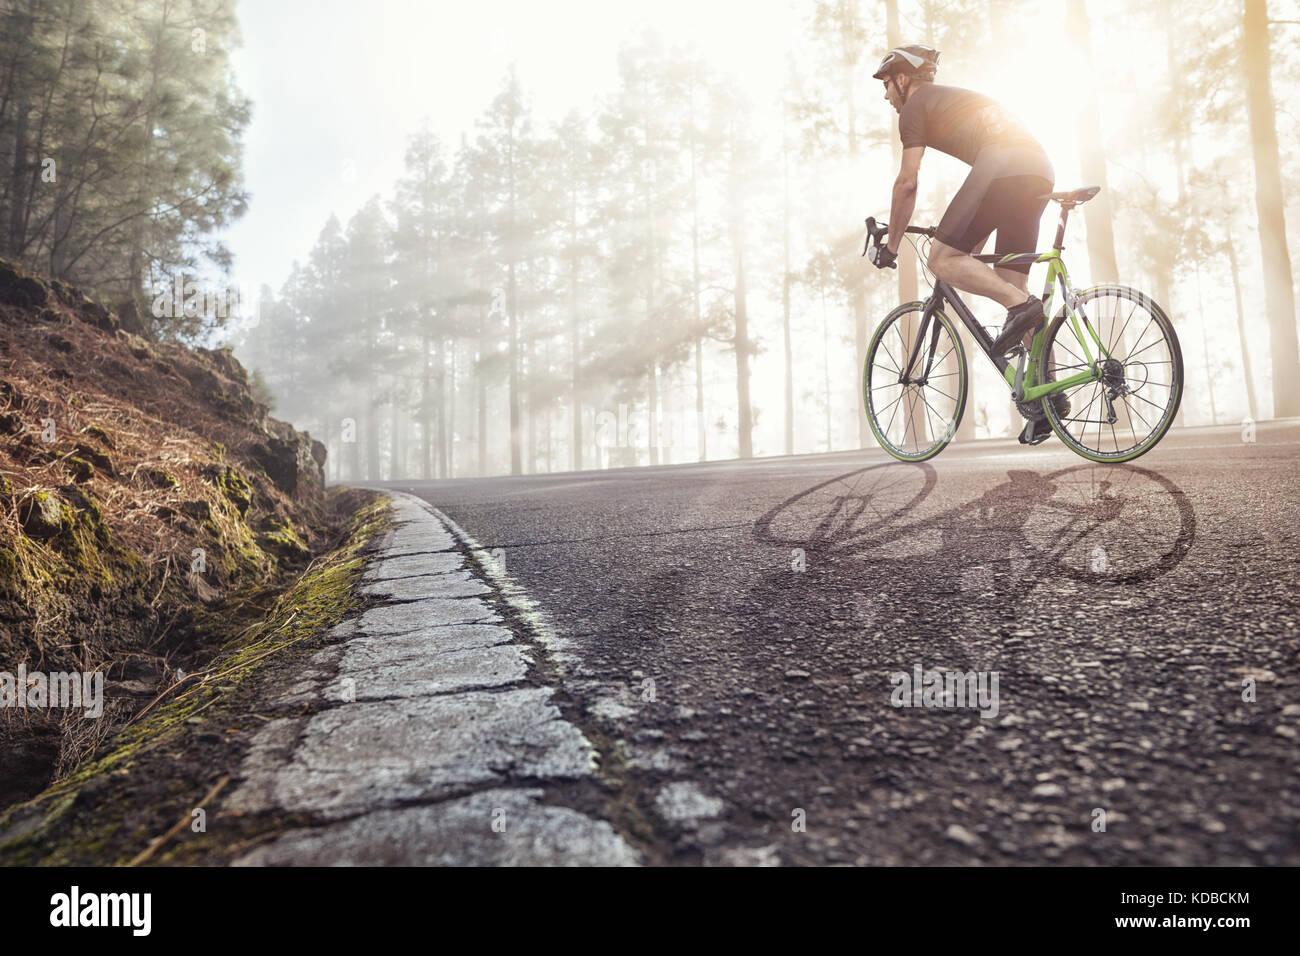 Radfahrer auf der Straße in einer nebligen Wald Stockbild